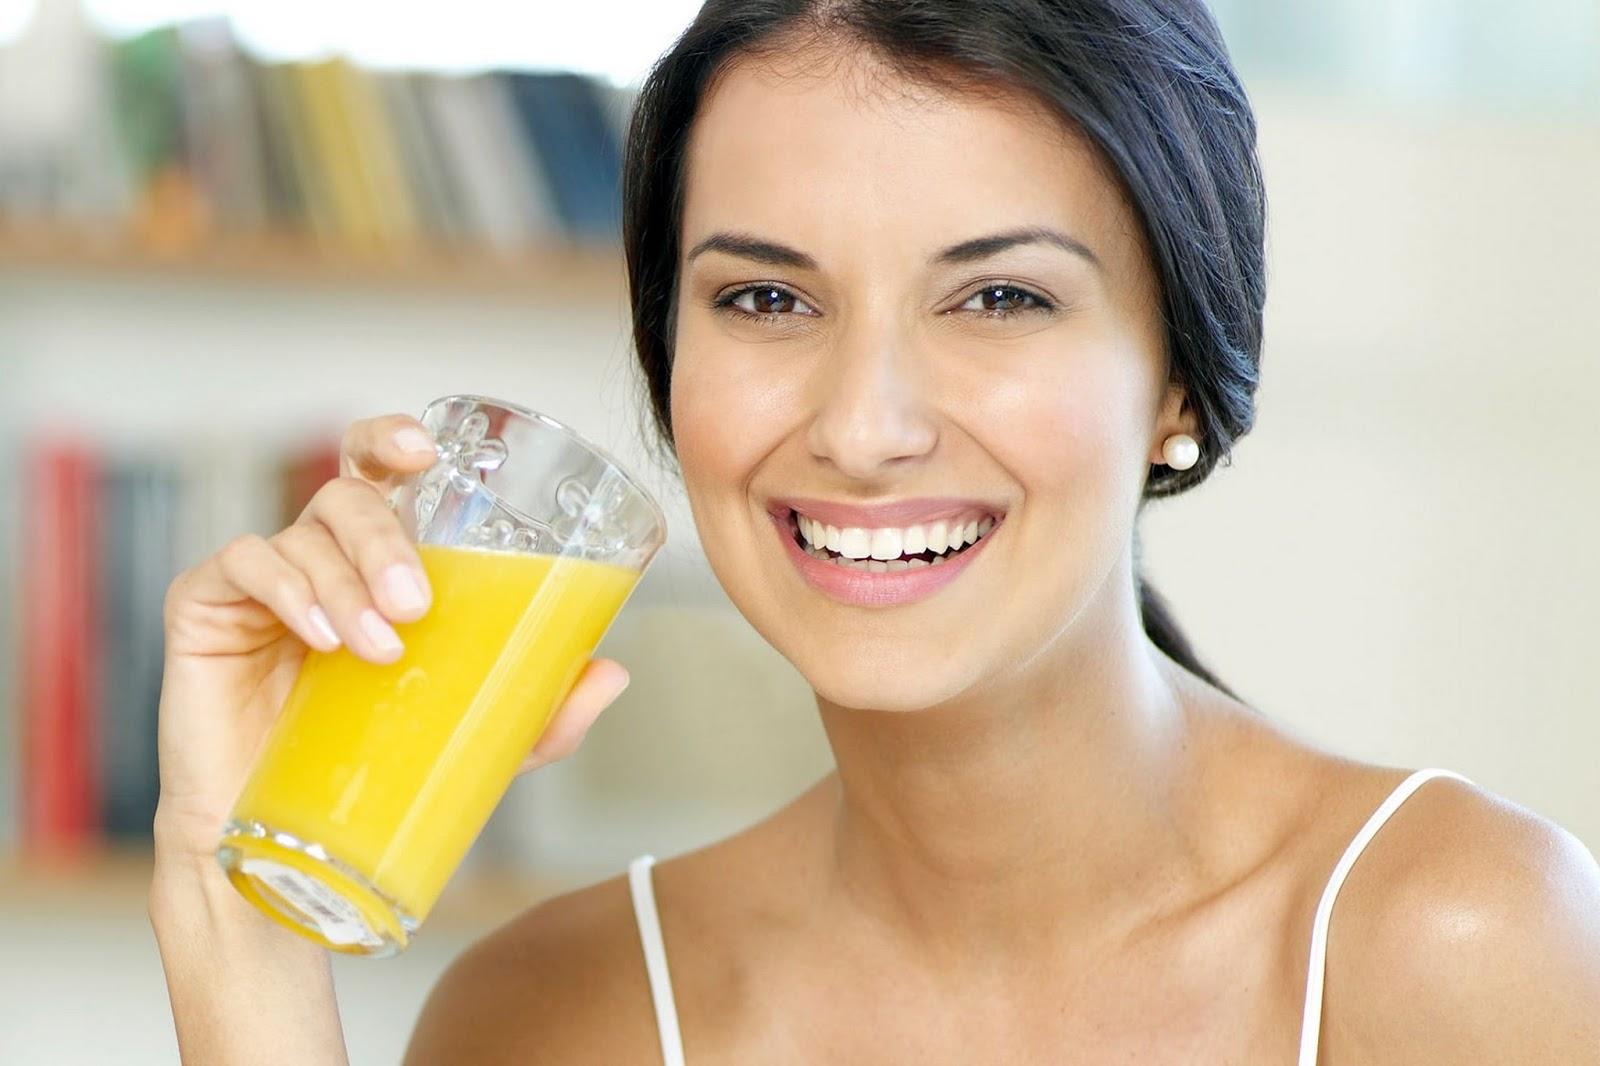 Does Drinking Lemon Water Help Burn Fat